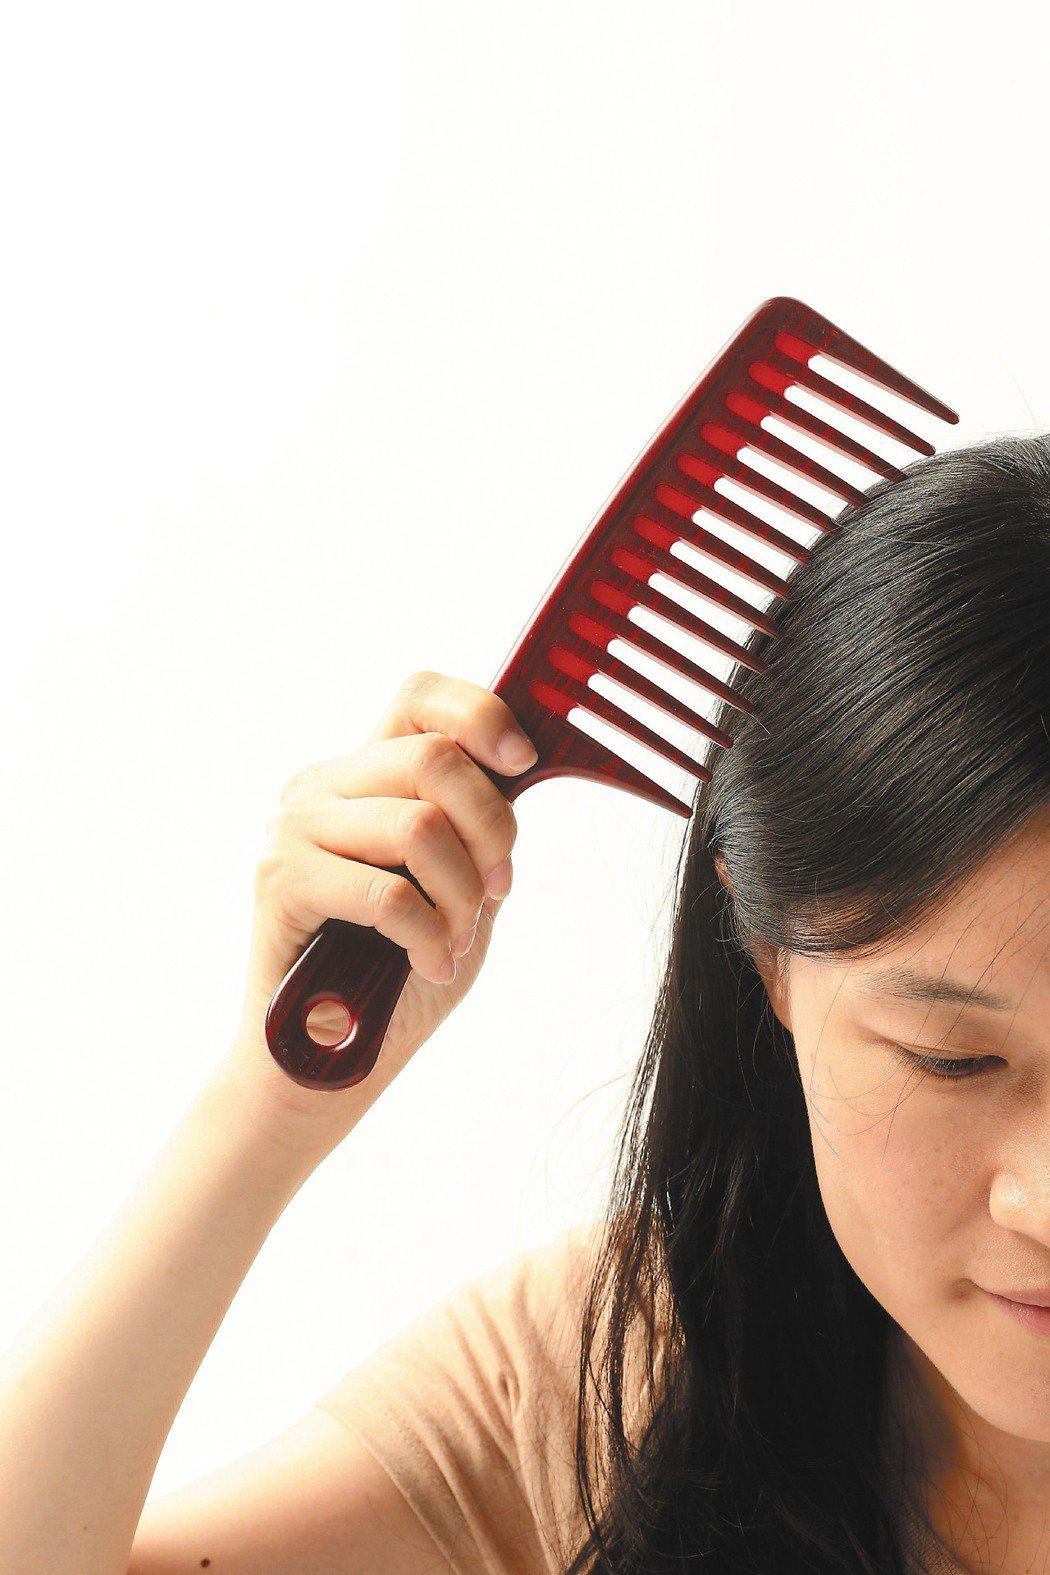 開業皮膚科醫師趙昭明指出,選用適合的洗髮精及正確洗髮相當重要。洗髮精除了洗頭髮外...